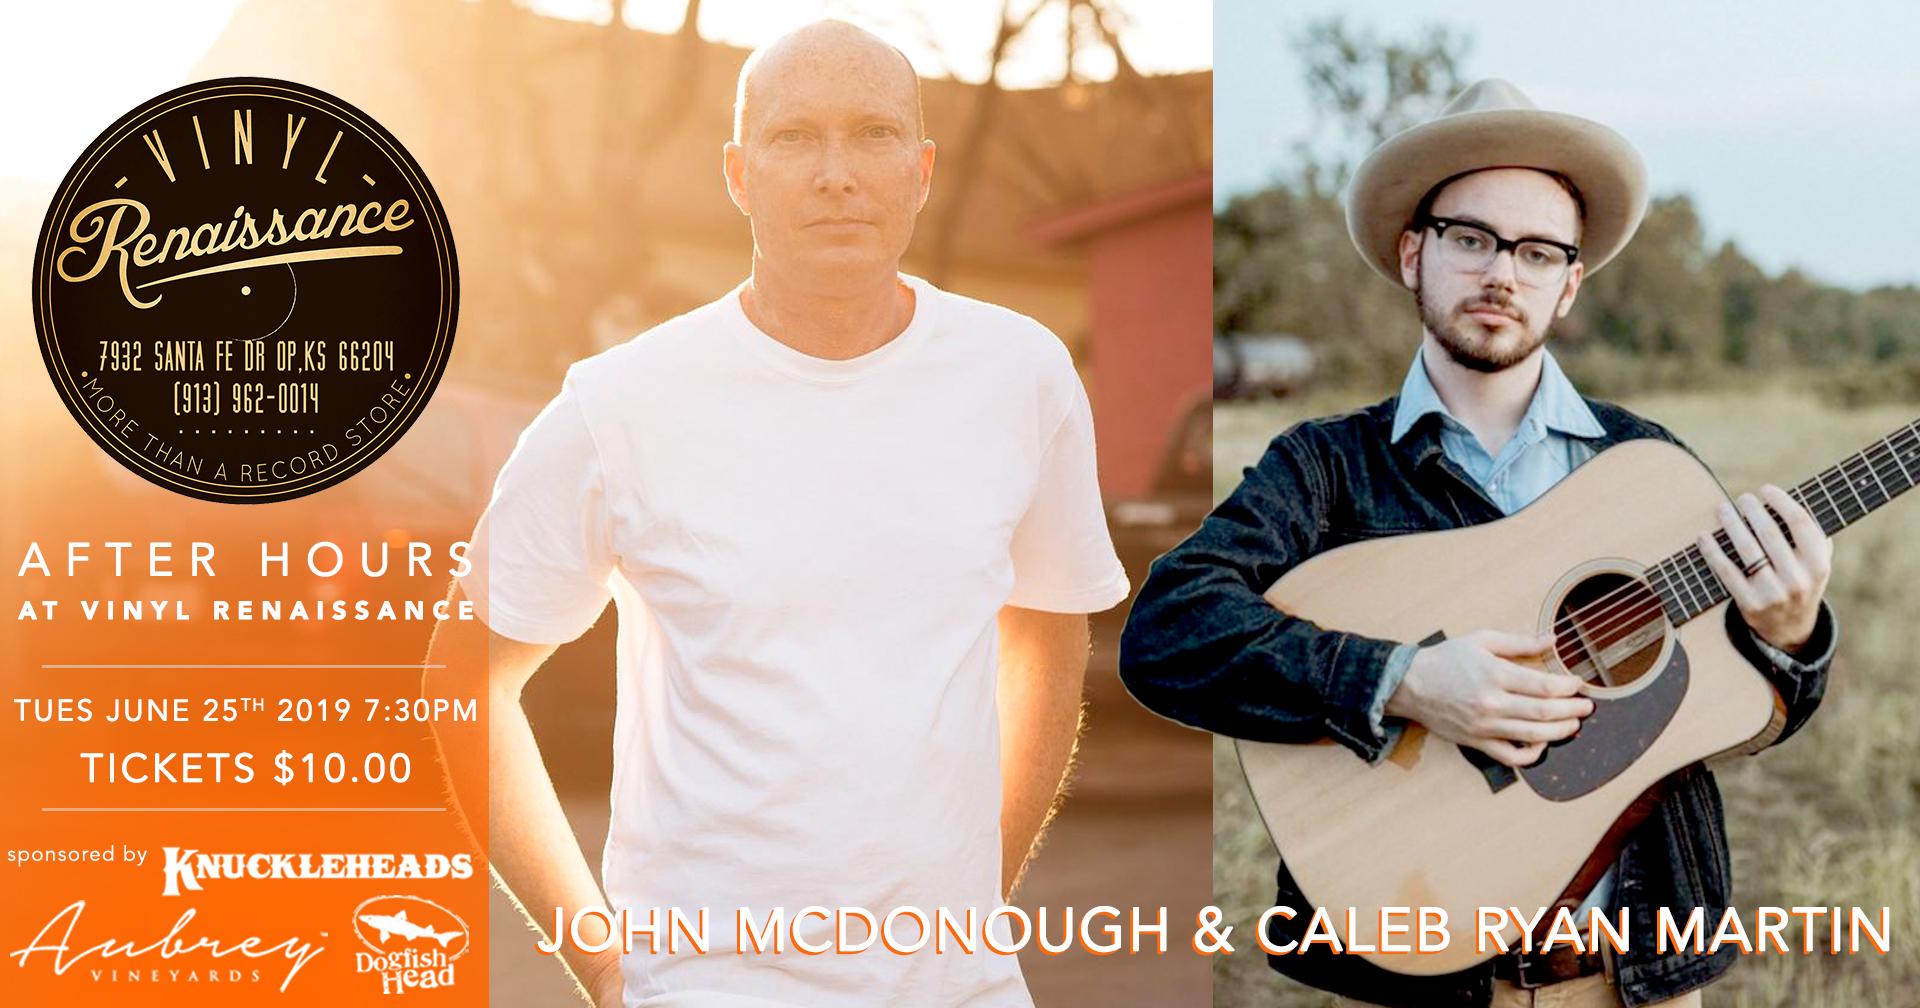 John McDonough & Caleb Ryan Martin - 06/25/2019 After Hours at Vinyl Renaissance